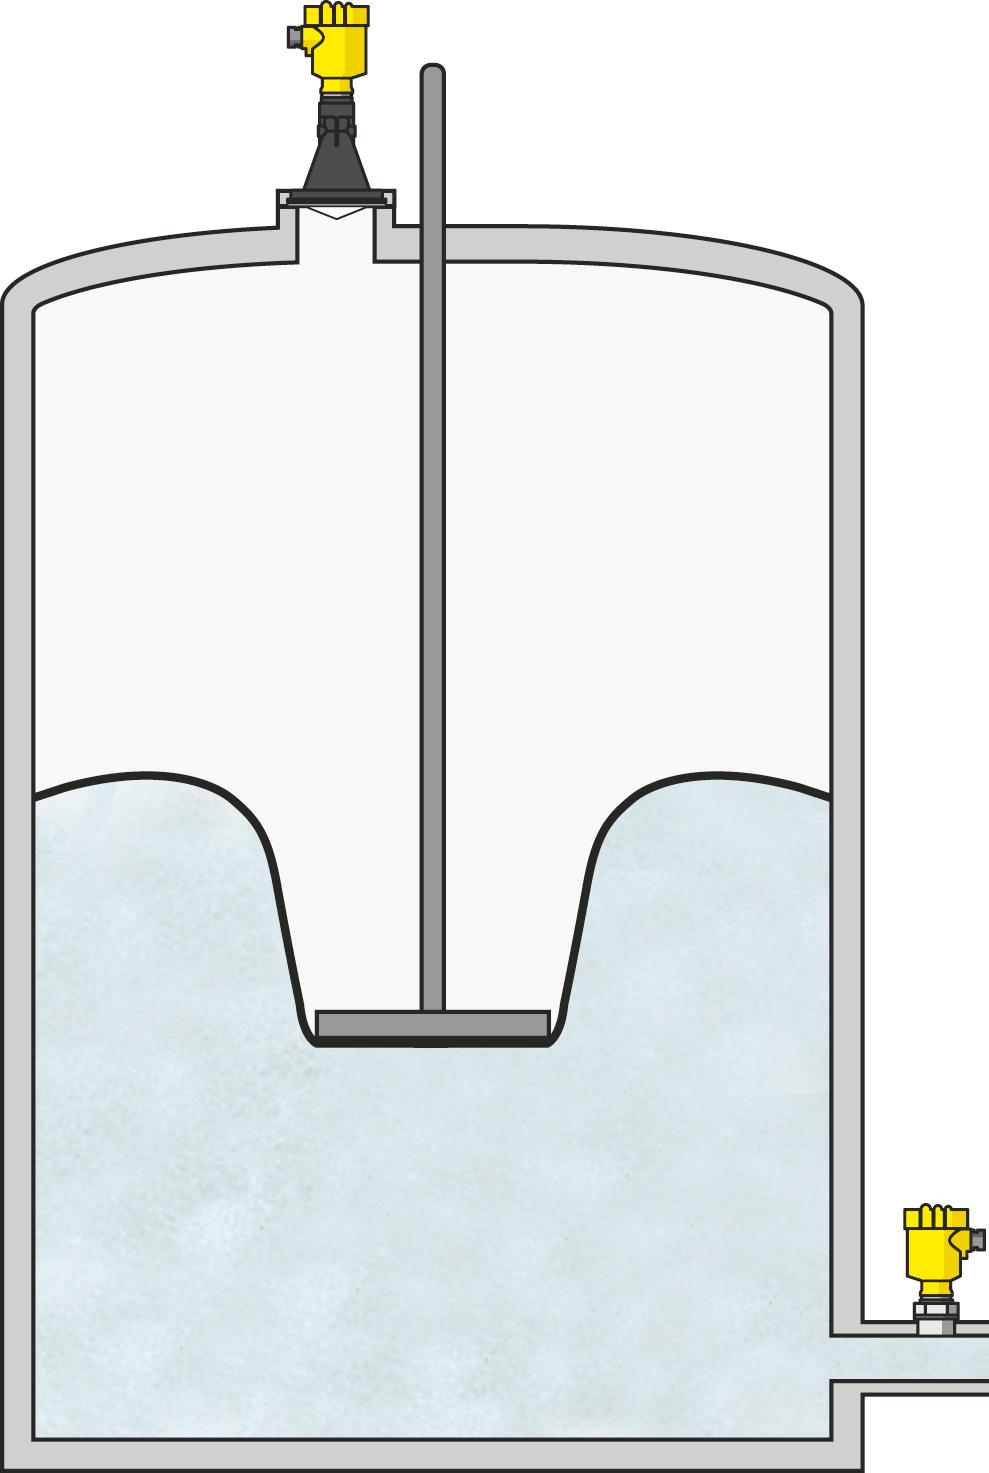 Volumen- und Drucküberwachung im Gasspeicher